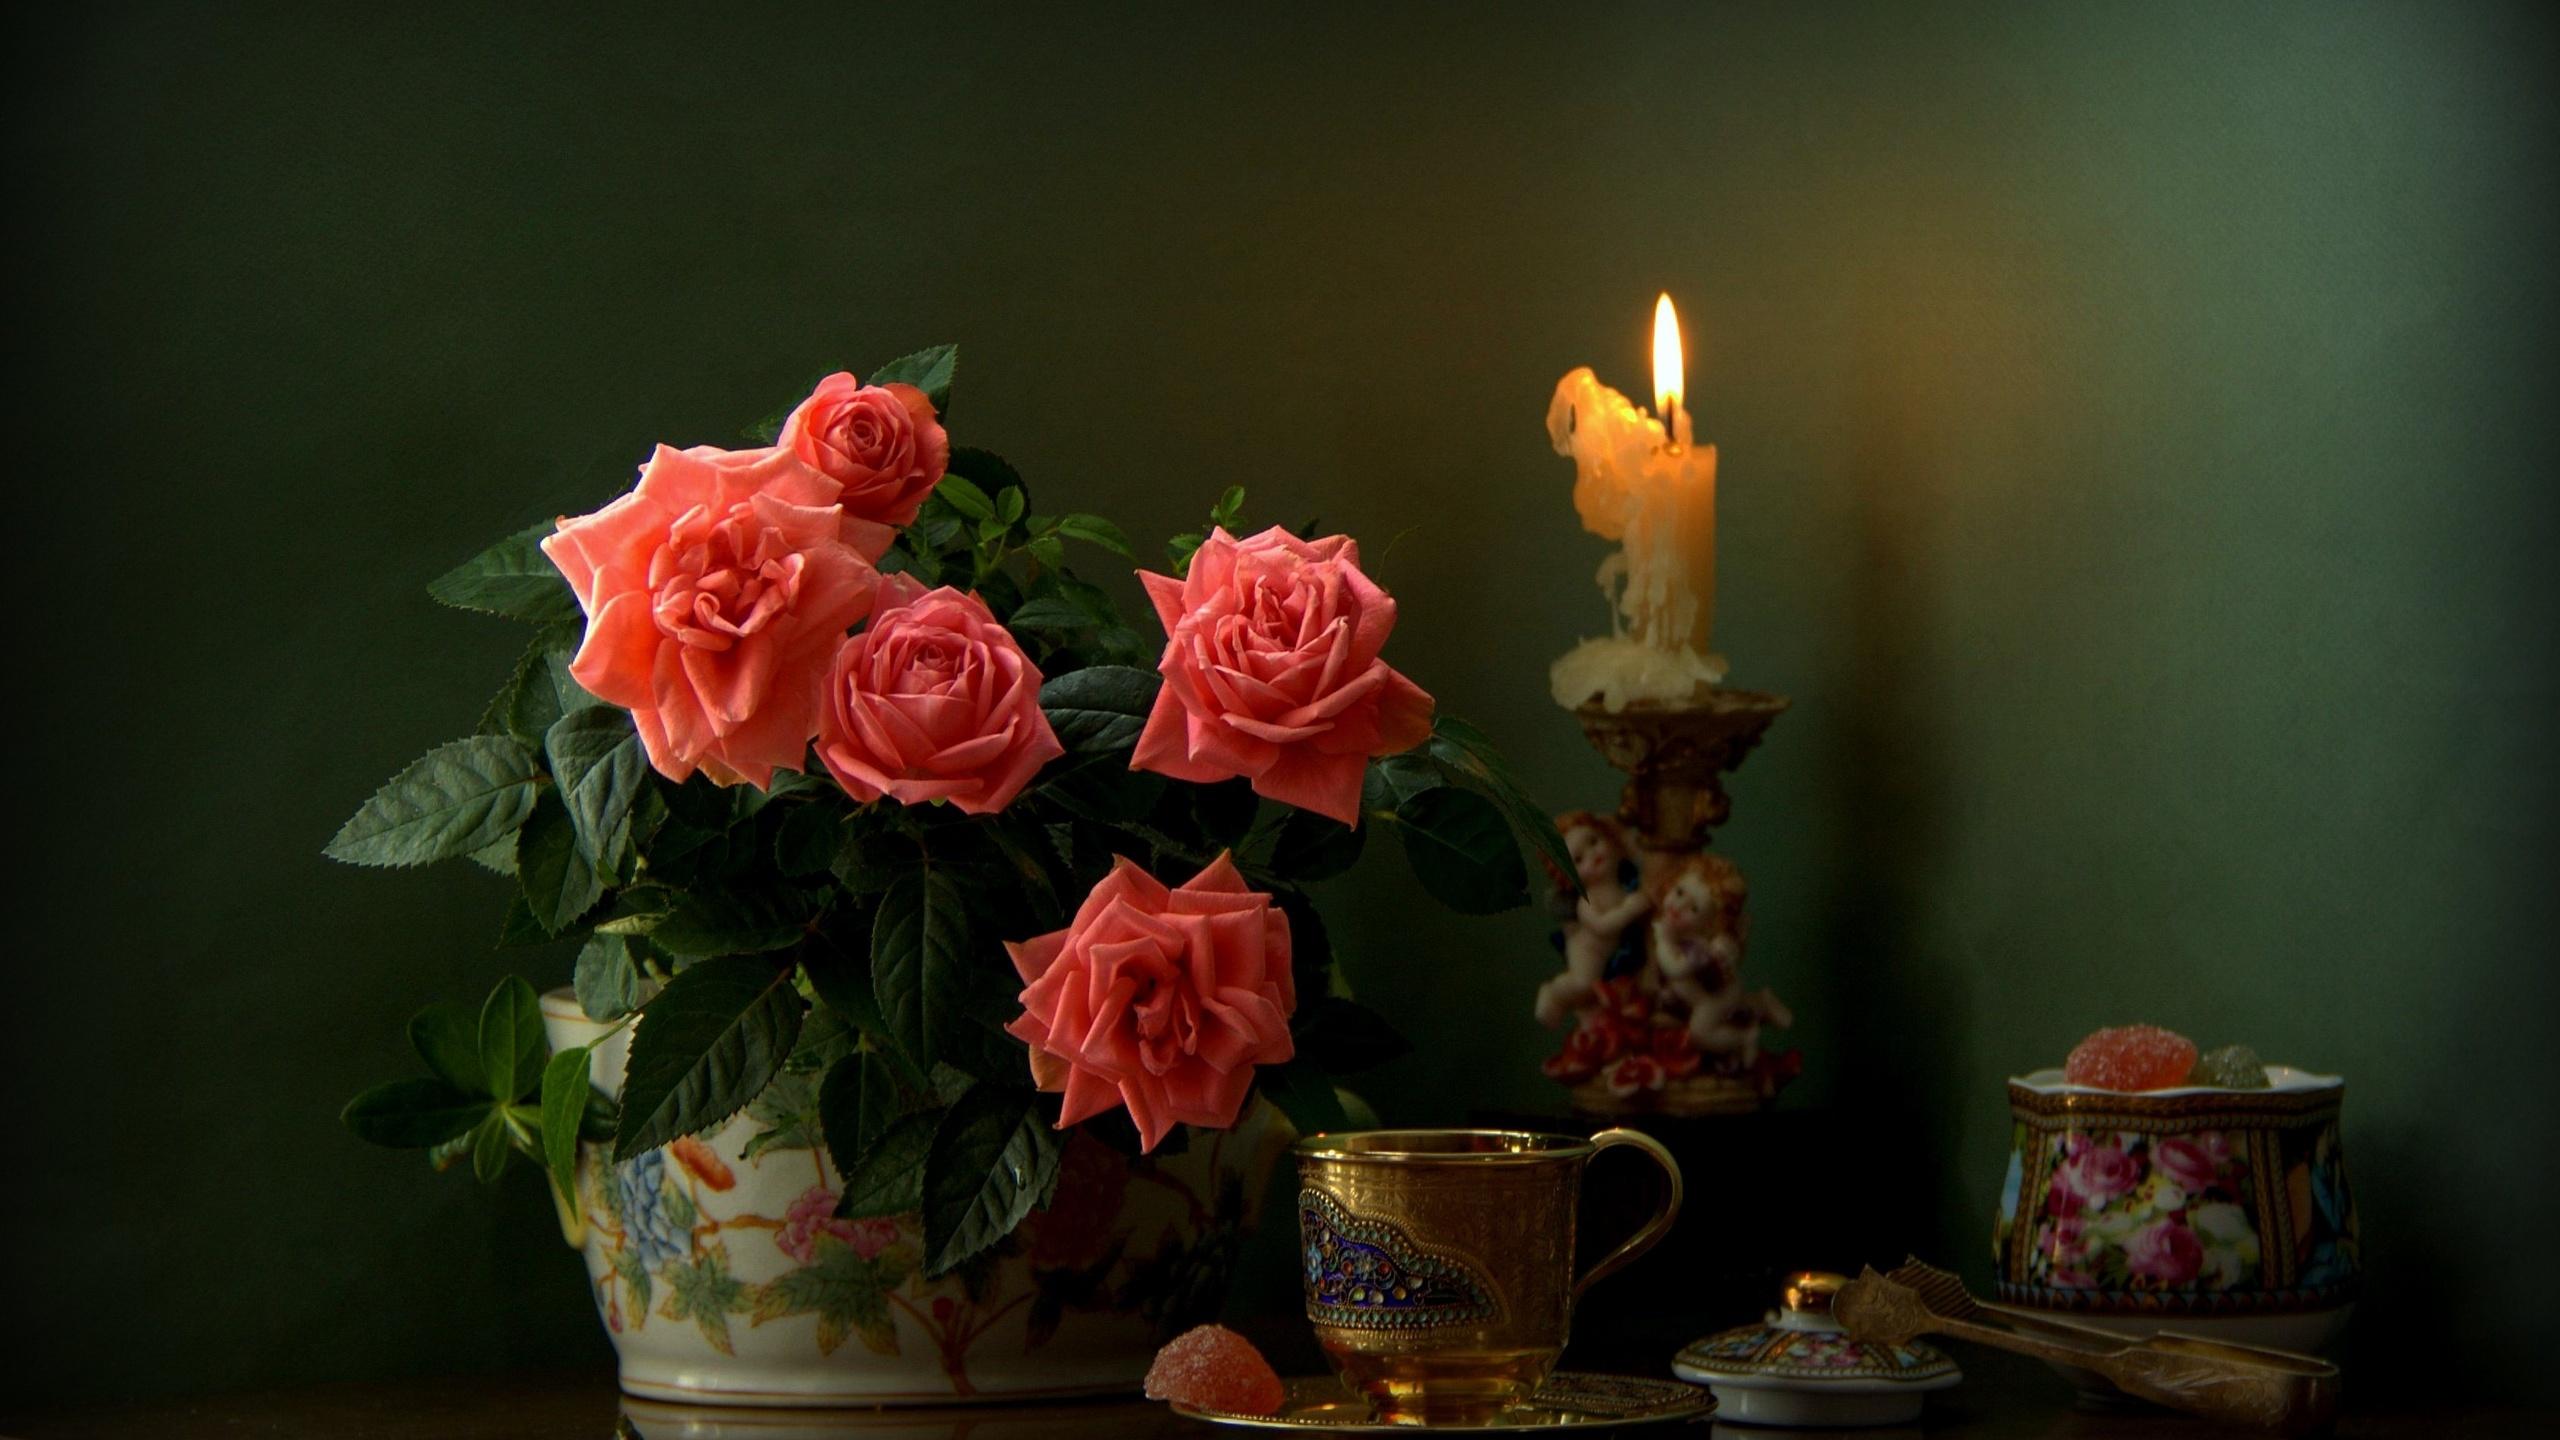 Открытки добрый ночи при цветах, поздравление днем рождения